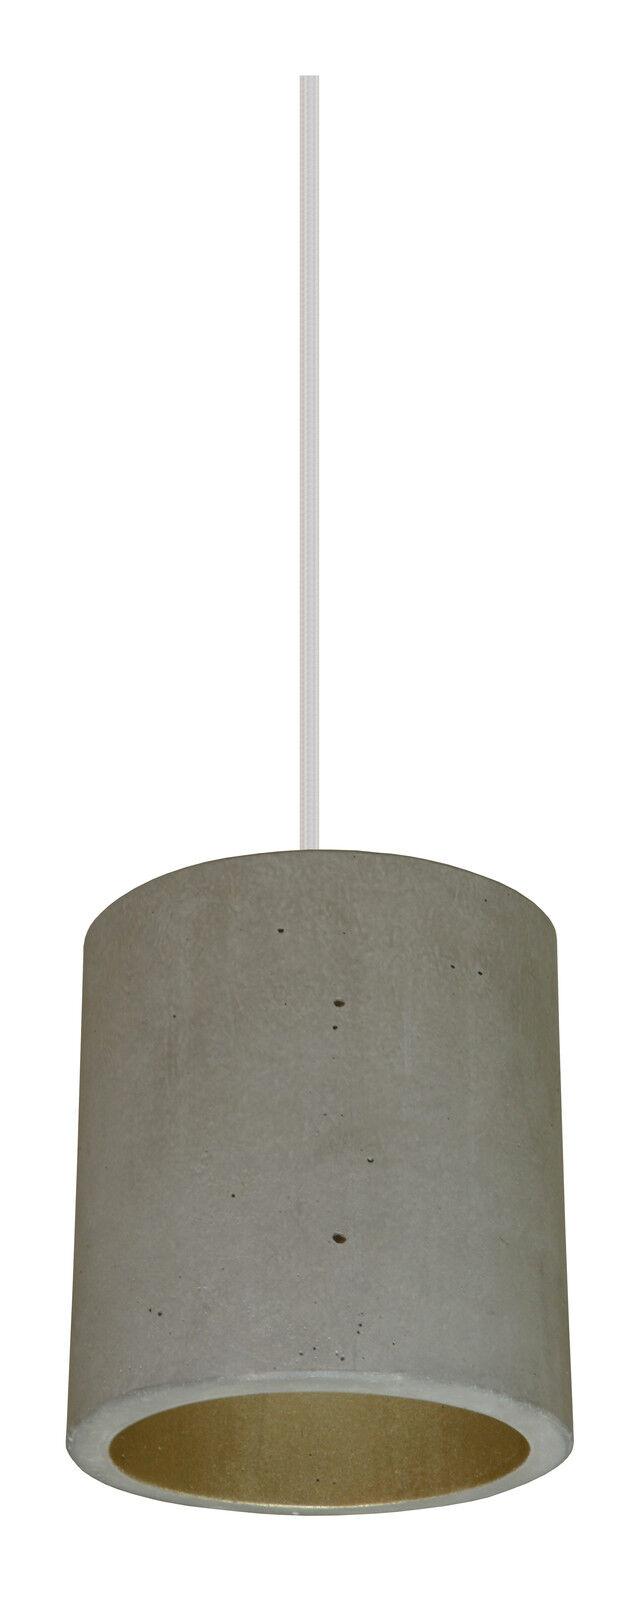 Béton Lampe éclairage béton suspendu lampe plafonnier éclairage éclairage éclairage Lampe pendulaire-béton Design | Une Bonne Conservation De Chaleur  243839